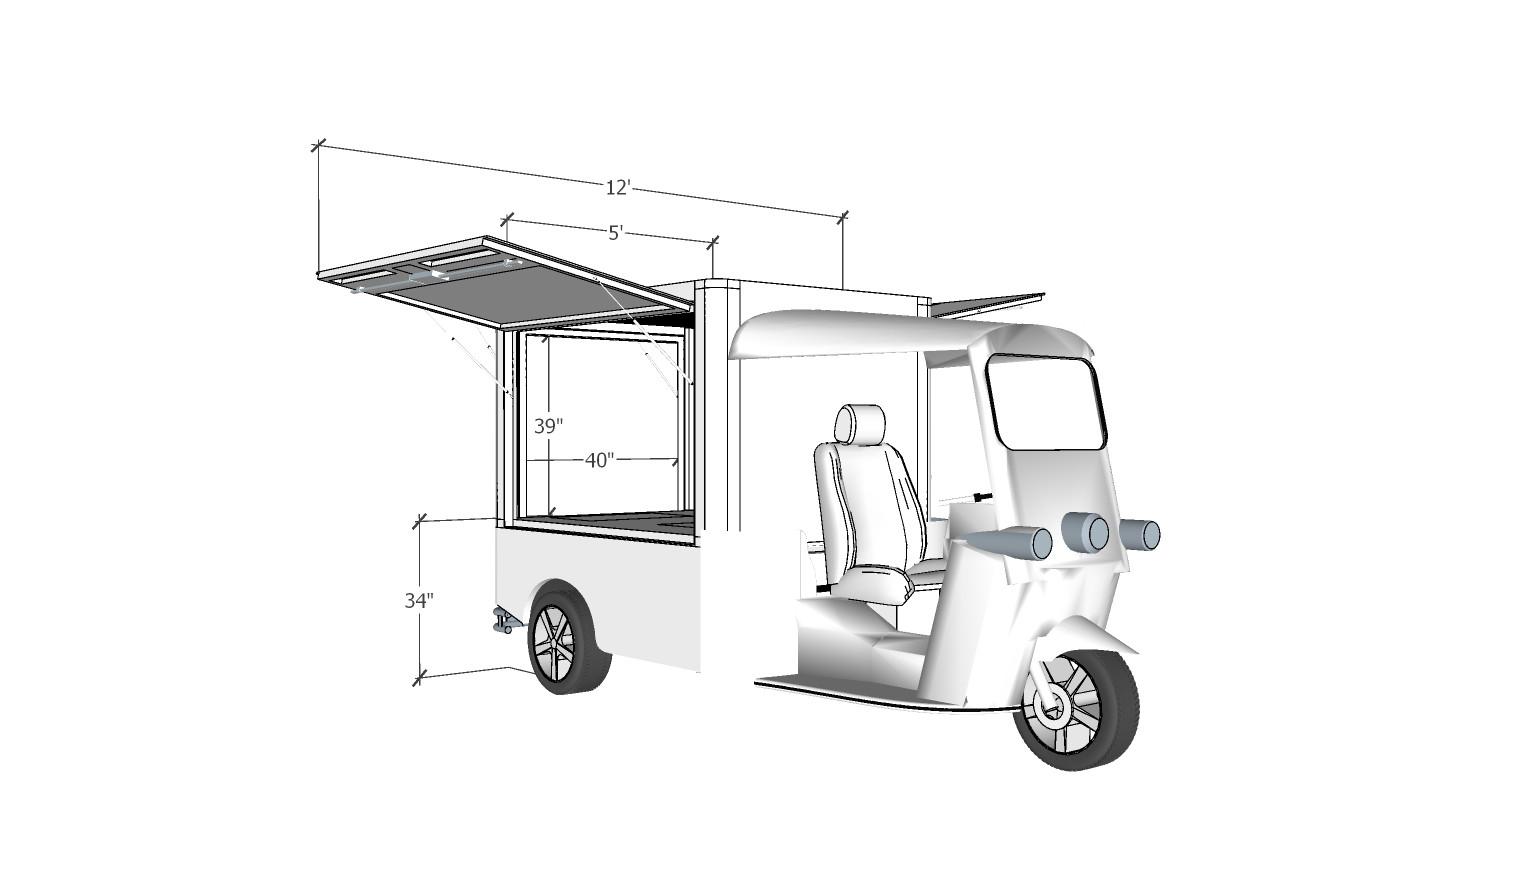 TukFab-VehicleDimensions-Vendor-Iso3.jpg